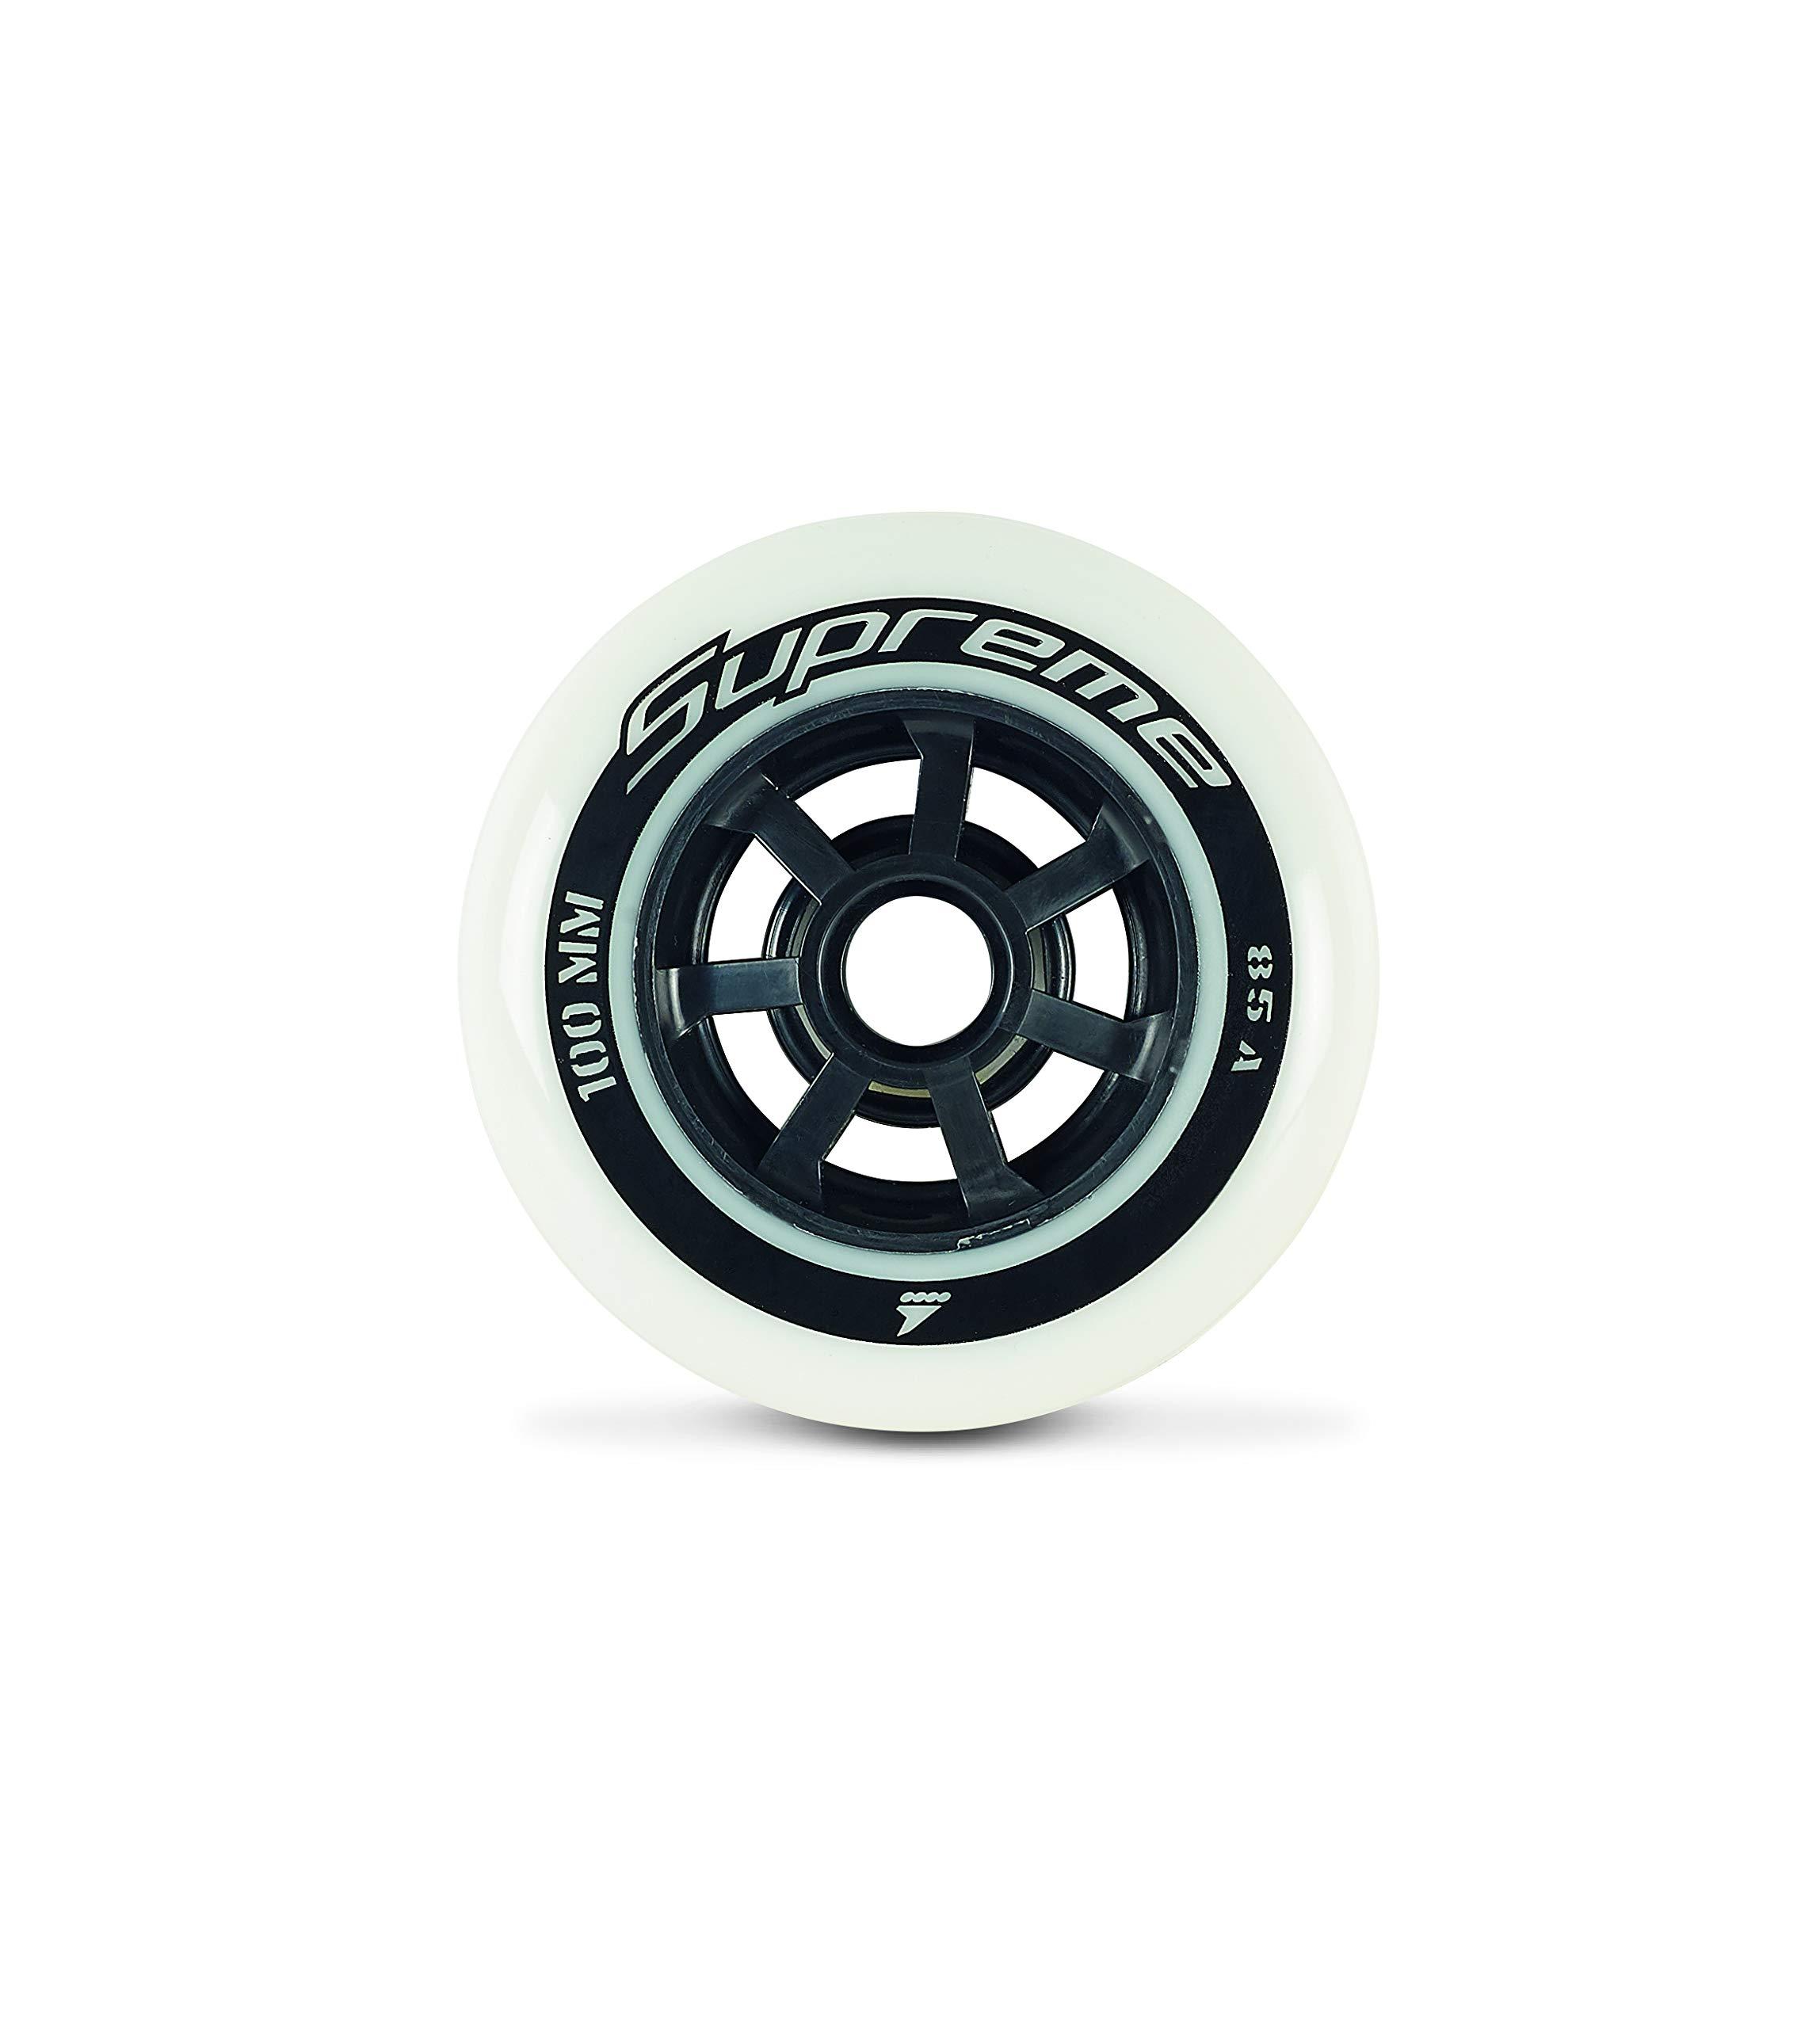 Ruedas de skate Rollerblade Supreme High Performance (paquete de 8)